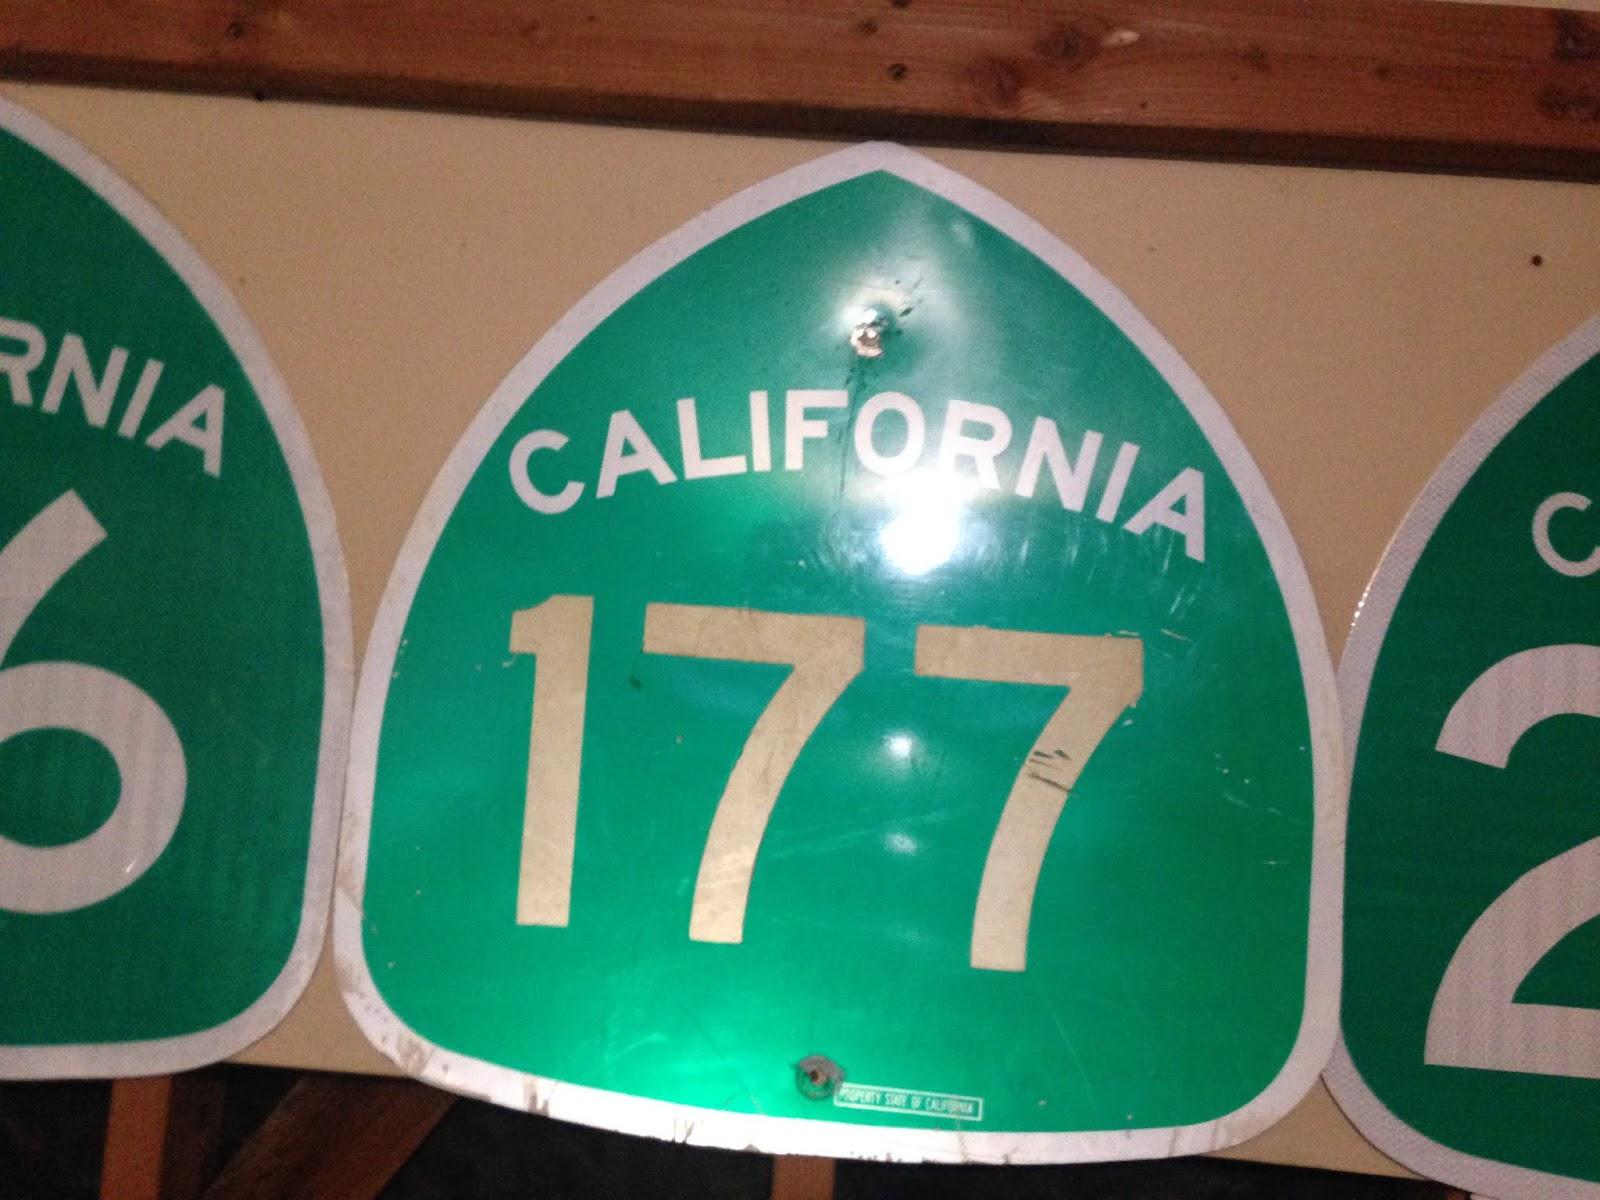 Contea di Riverside - Wikipedia  |California State Route 177